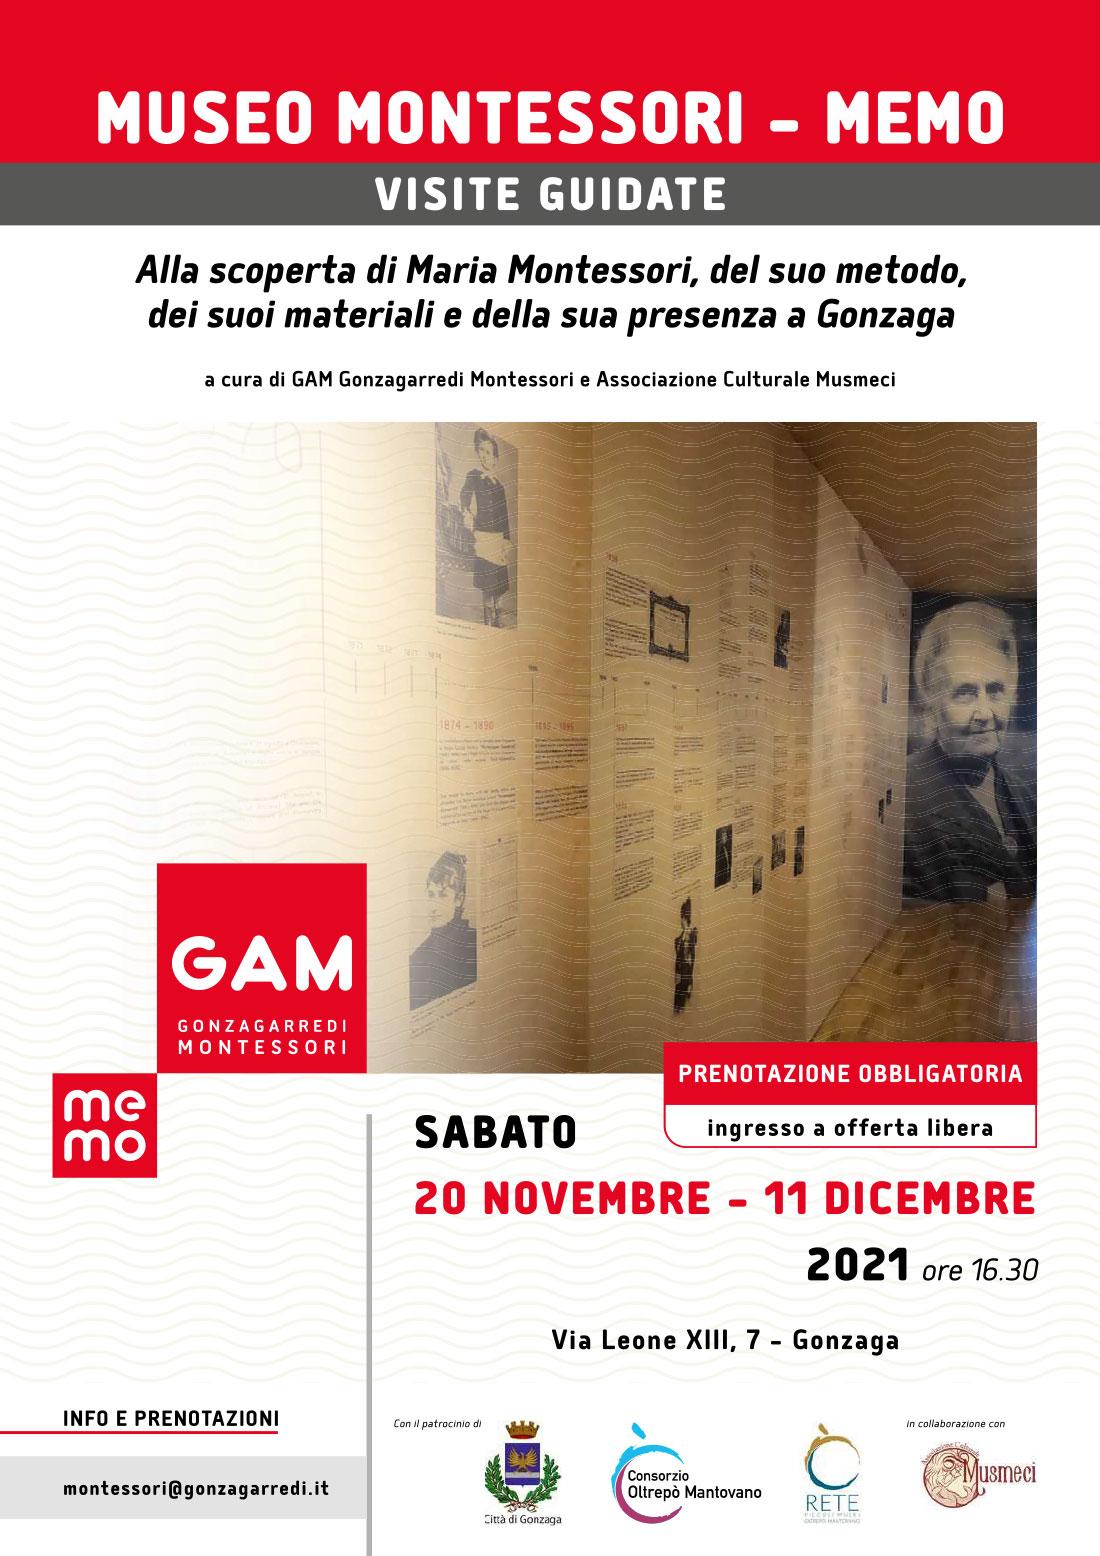 Museo Montessori Memo – Gonzaga